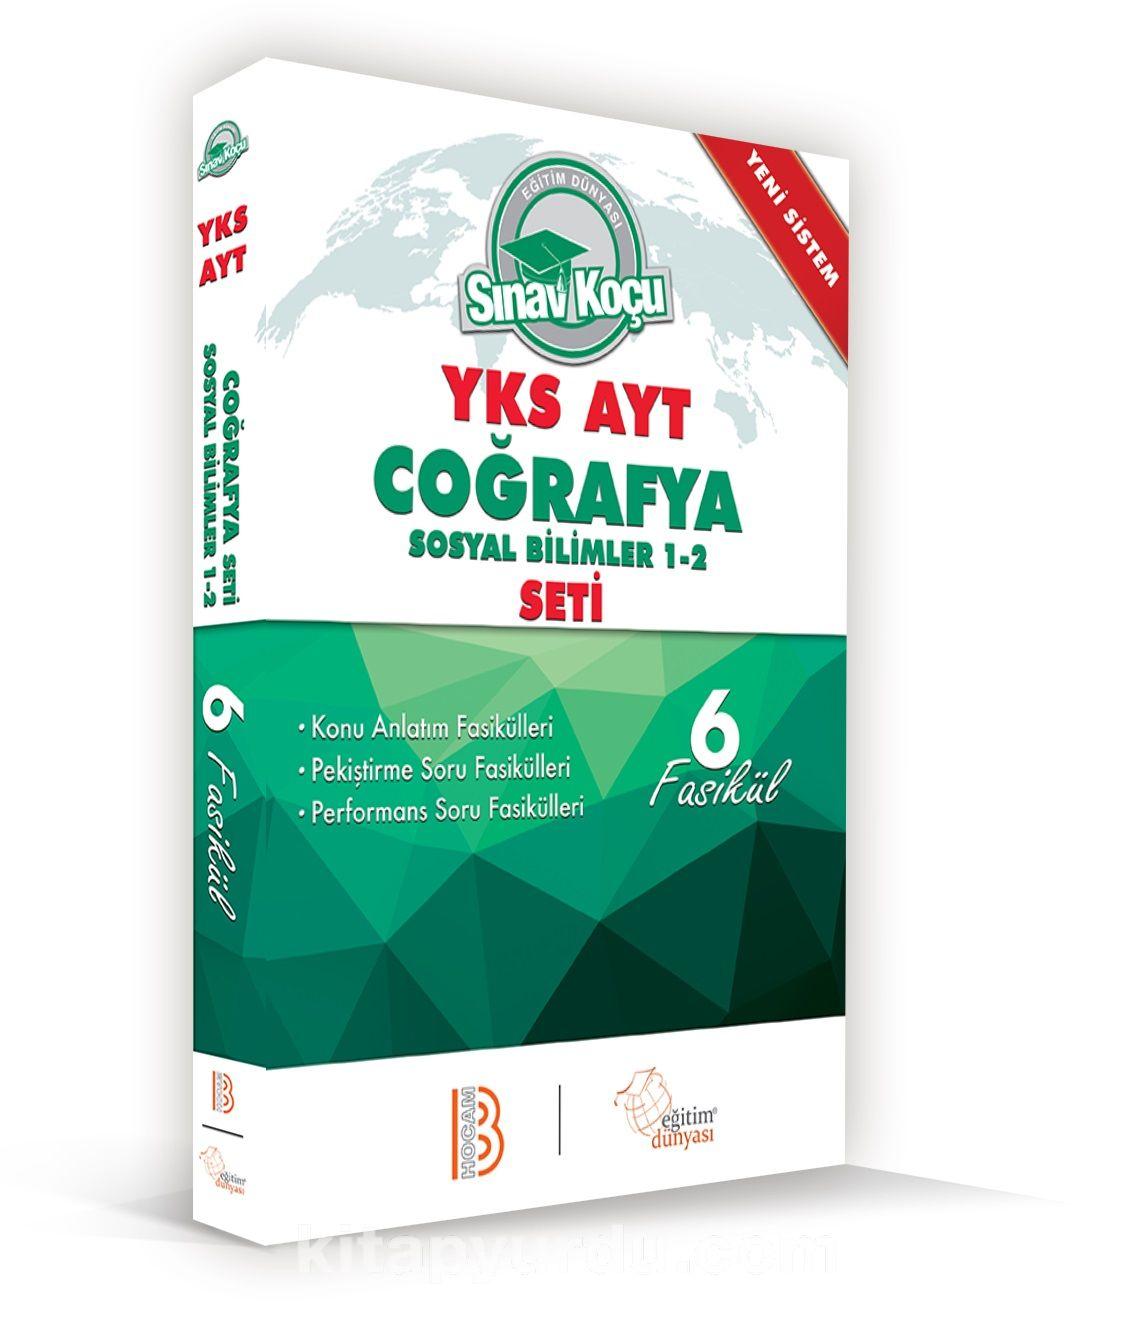 2019 YKS-AYT Coğrafya Sosyal Bilimler 1-2 Sınav Koçu Konu Anlatımlı 6 Fasikül Set - Kollektif pdf epub